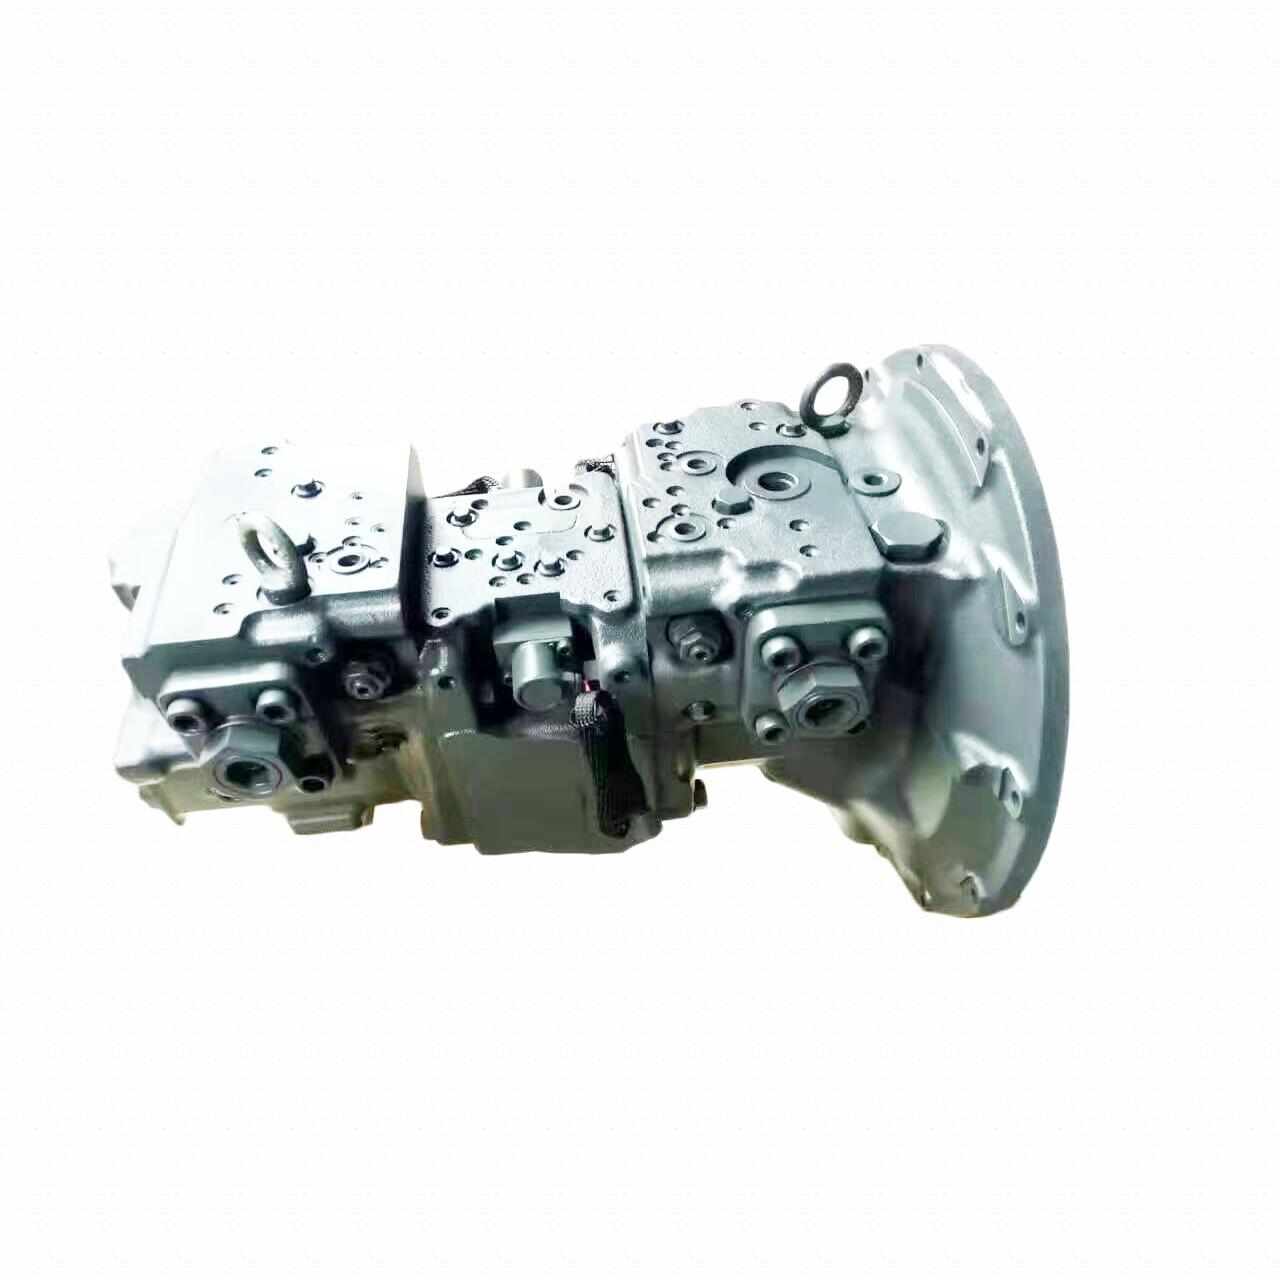 새로운 굴삭기 예비 부품 706-7G-01170 PC200-8 스윙 모터 706-7G-01140 Komatsu